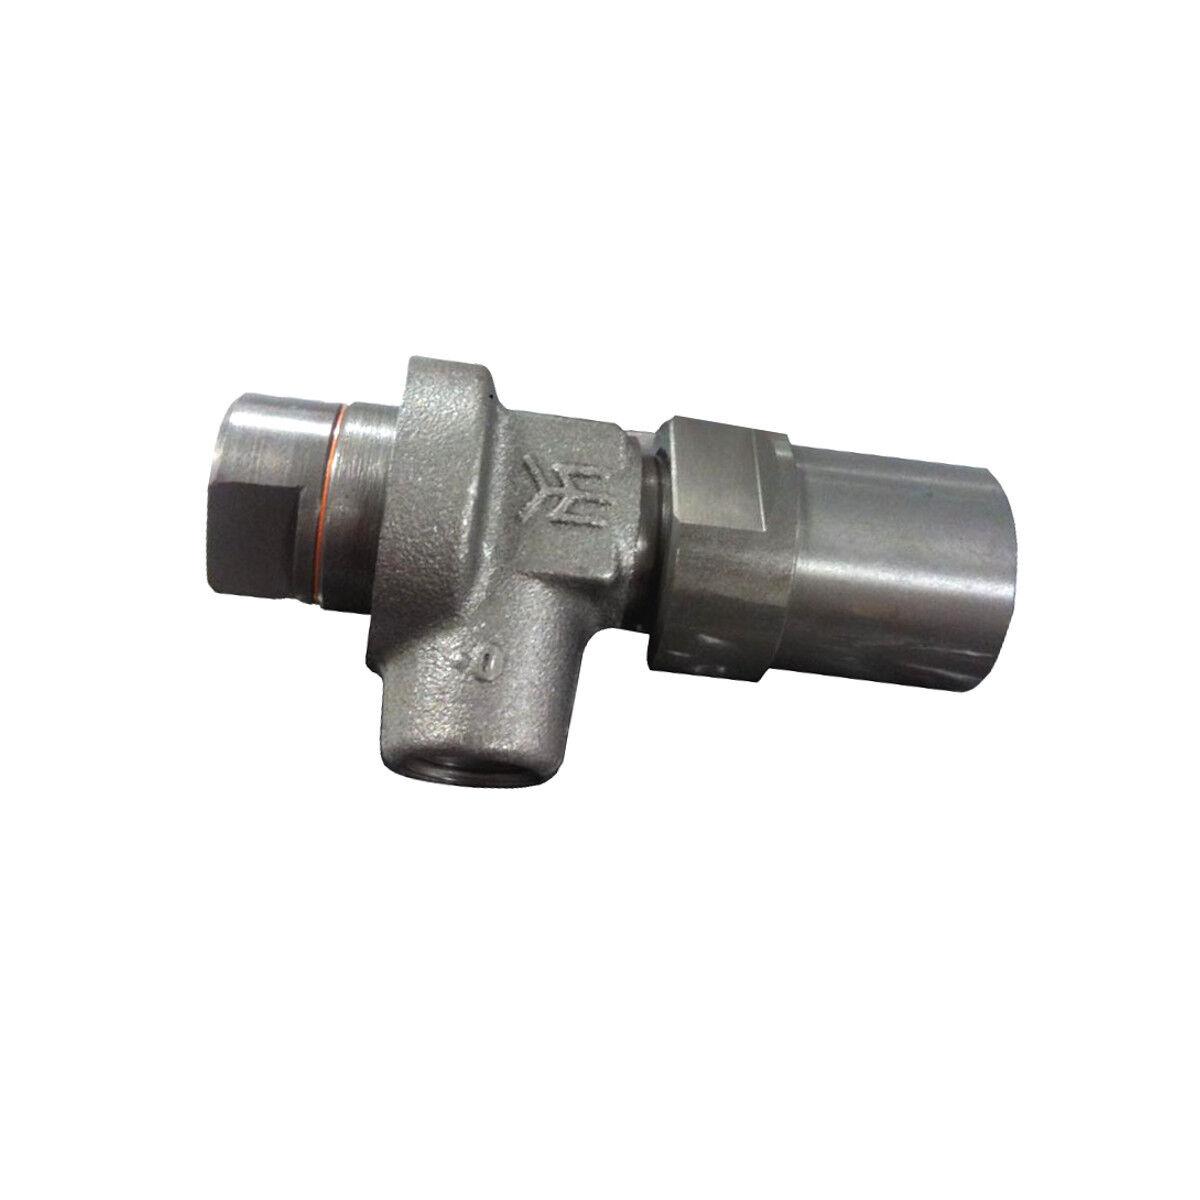 Original Yanmar Einbau Marine 3GM30 Einspritzventil/Ventil Einbau Yanmar 728170-53100 609f72